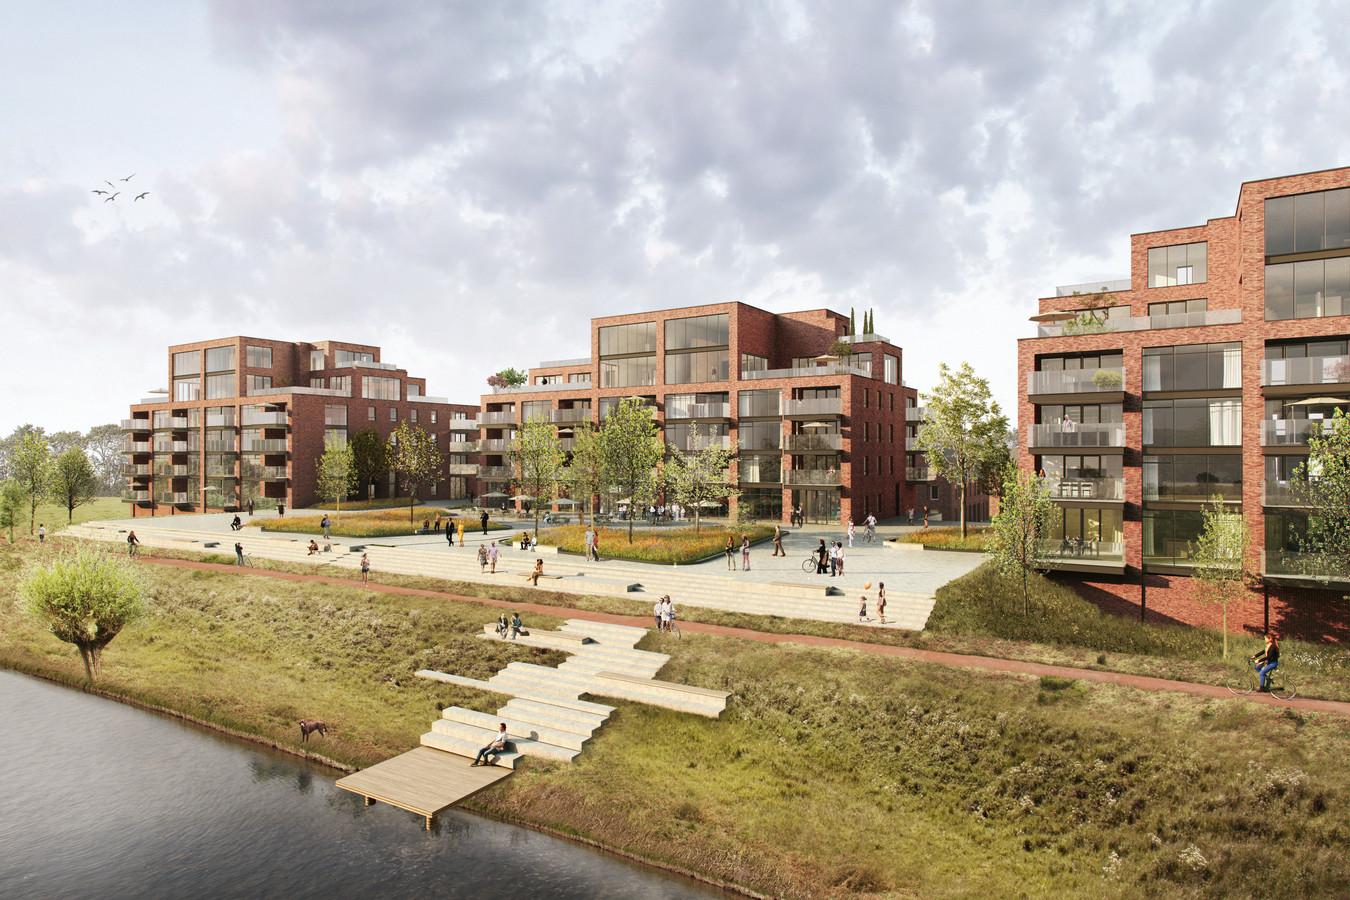 Artist impression van nieuwbouwproject De IJzergieterij in Hardinxveld-Giessendam.